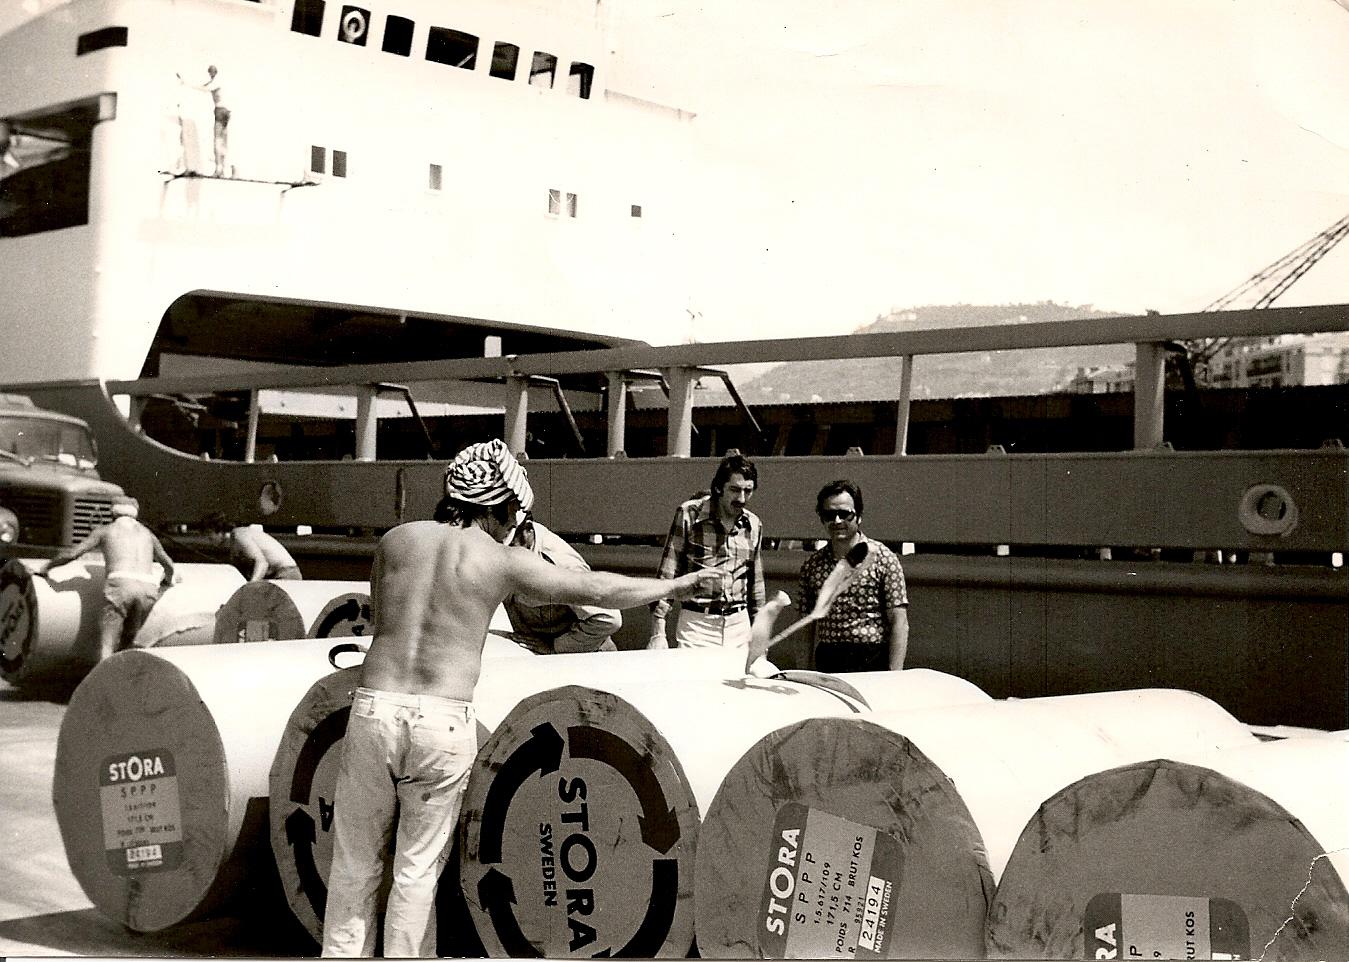 Edouard et Mr De Vargas (chef agence) au port de Nice en 06-1975. Débarquement bobine papier pour journal Nice-Matin